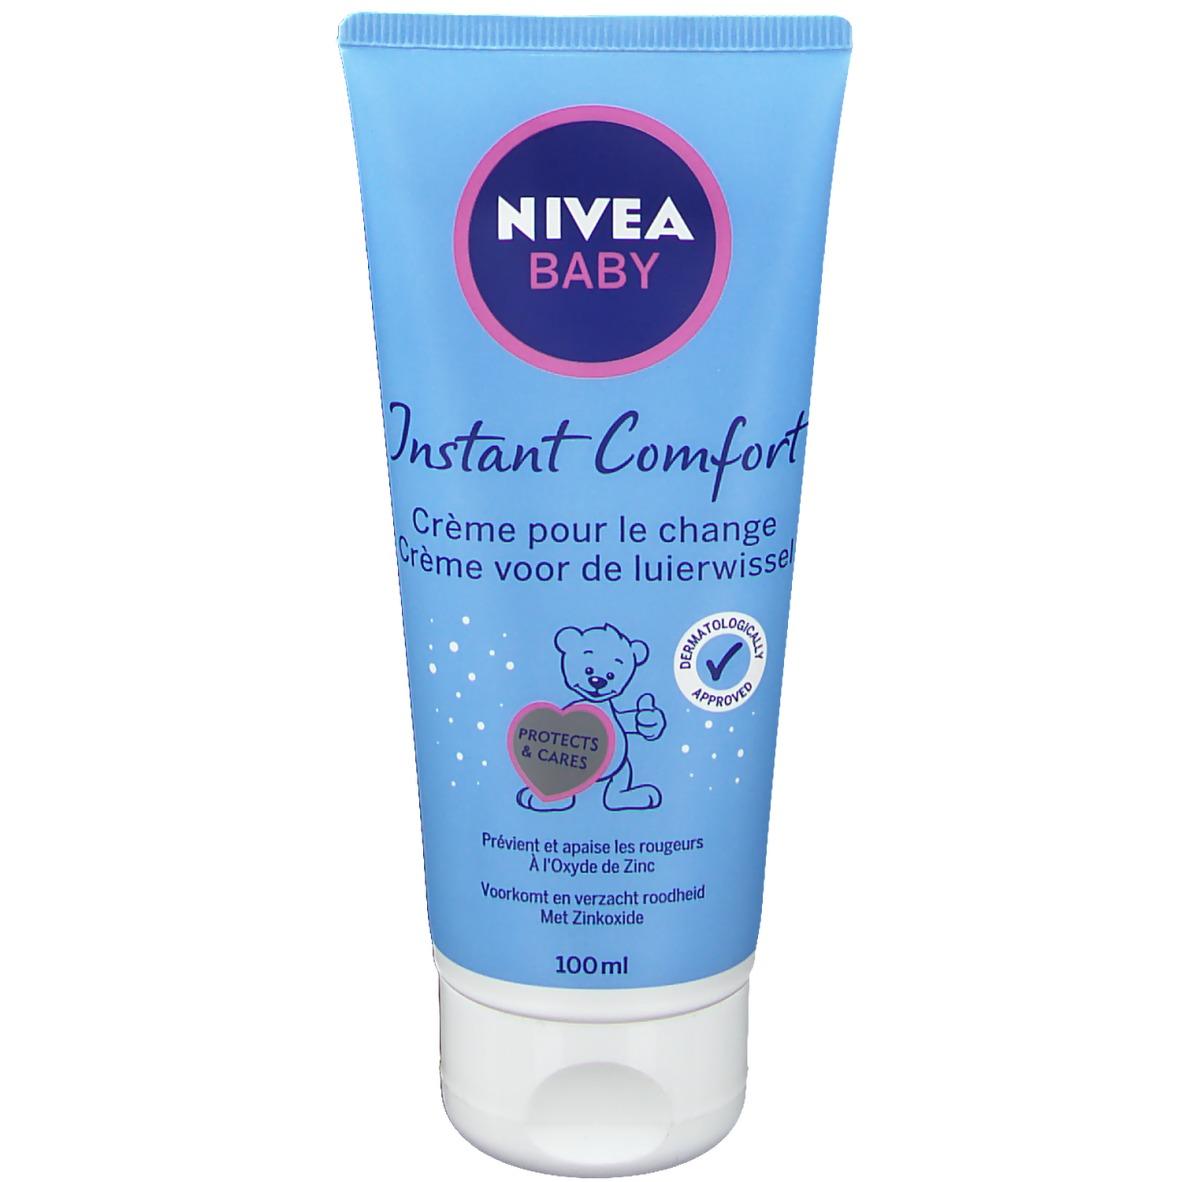 Nivea Baby Instand Comfort Crème pour le change,NIVEA,